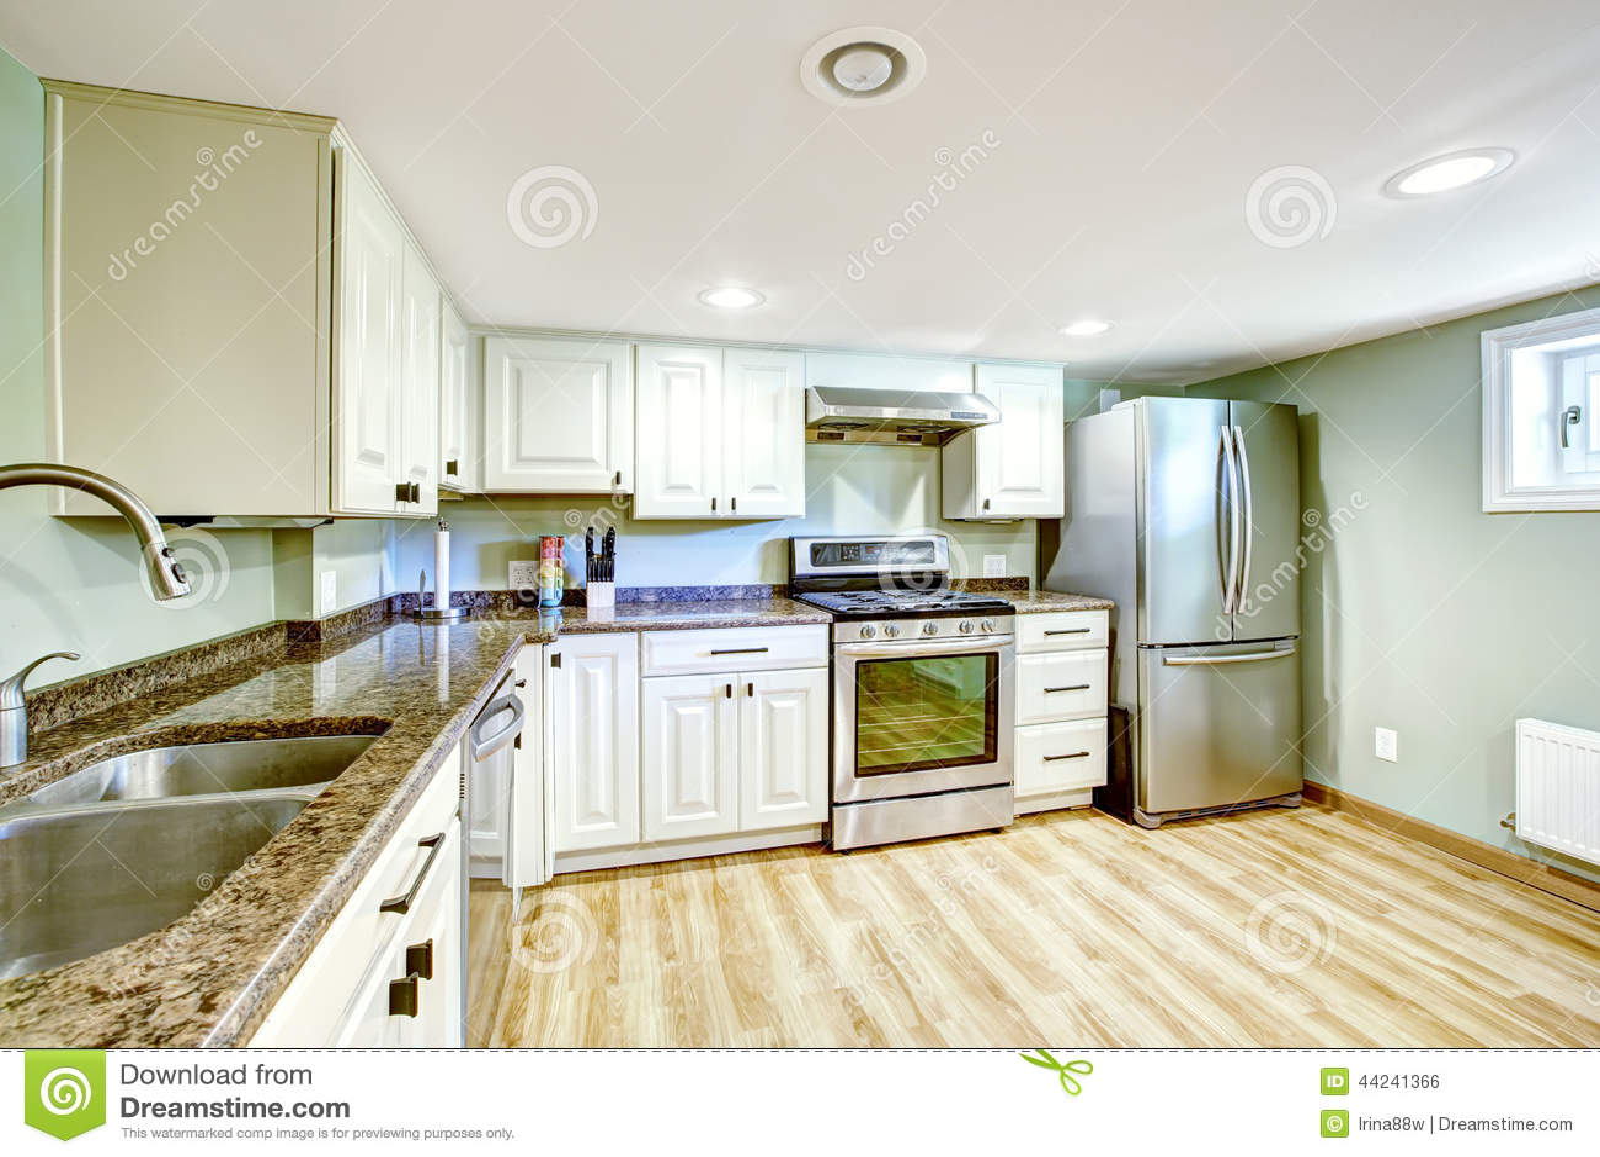 Kellerküchenraum Schwiegermutterwohnung Stockfoto - Bild von ...